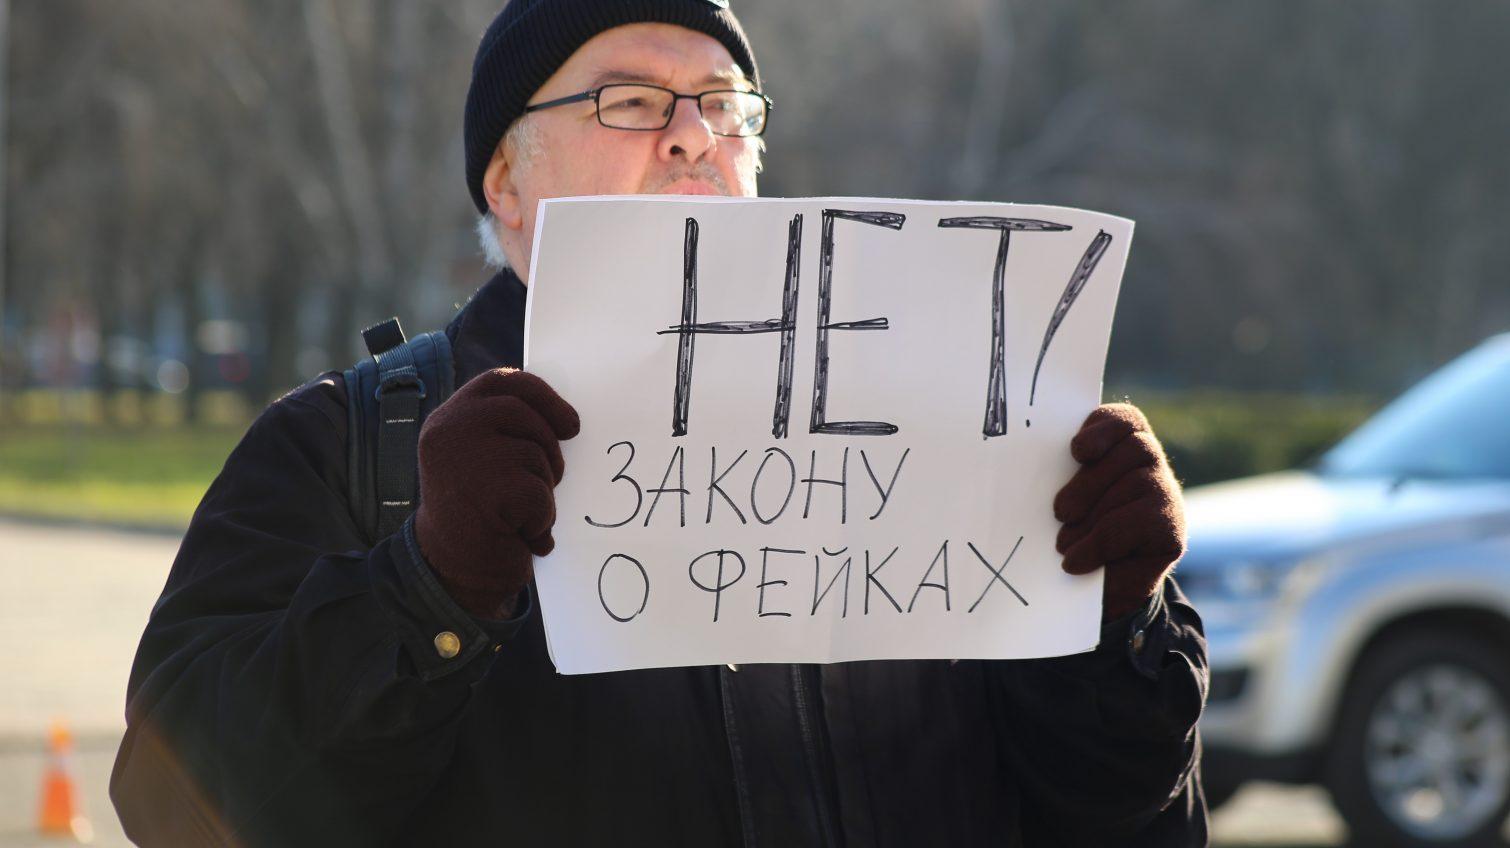 «Нет закону о фейках»: в Одессе прошел одиночный митинг против скандального законопроекта (фото) «фото»